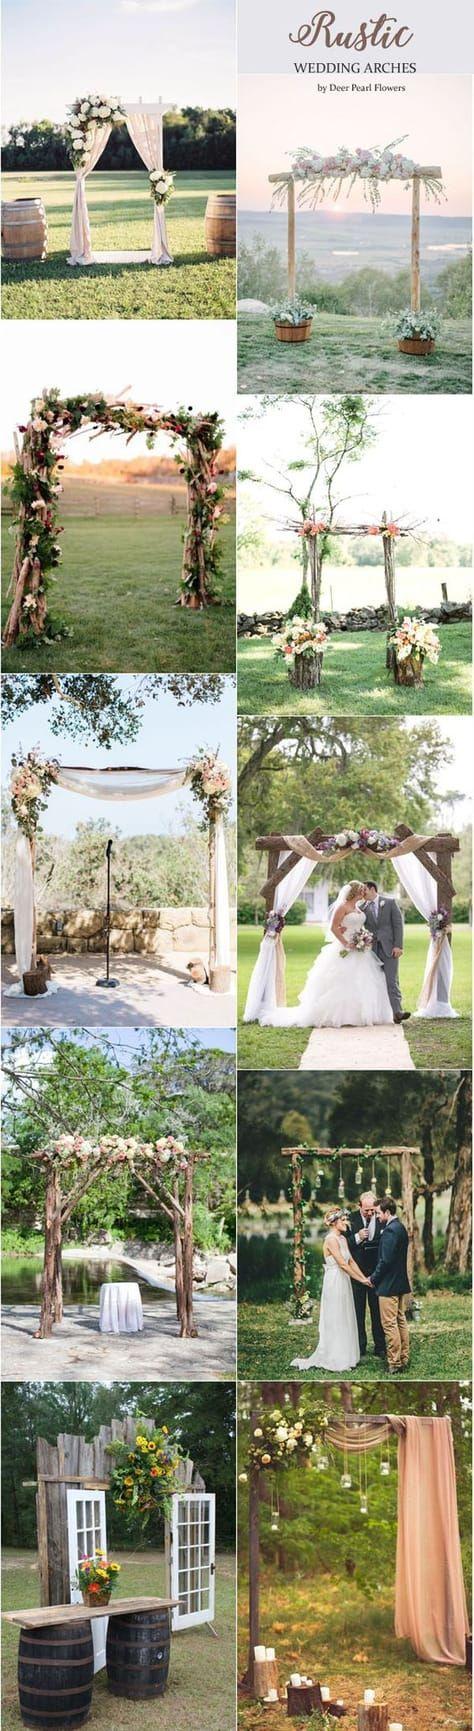 Decoración Para Ceremonia Civil Decoracion Para Boda Civil Sencilla Decoracion Matrimonio Civ Wedding Ceremony Decorations Wedding Ceremony Arch Wedding Arch